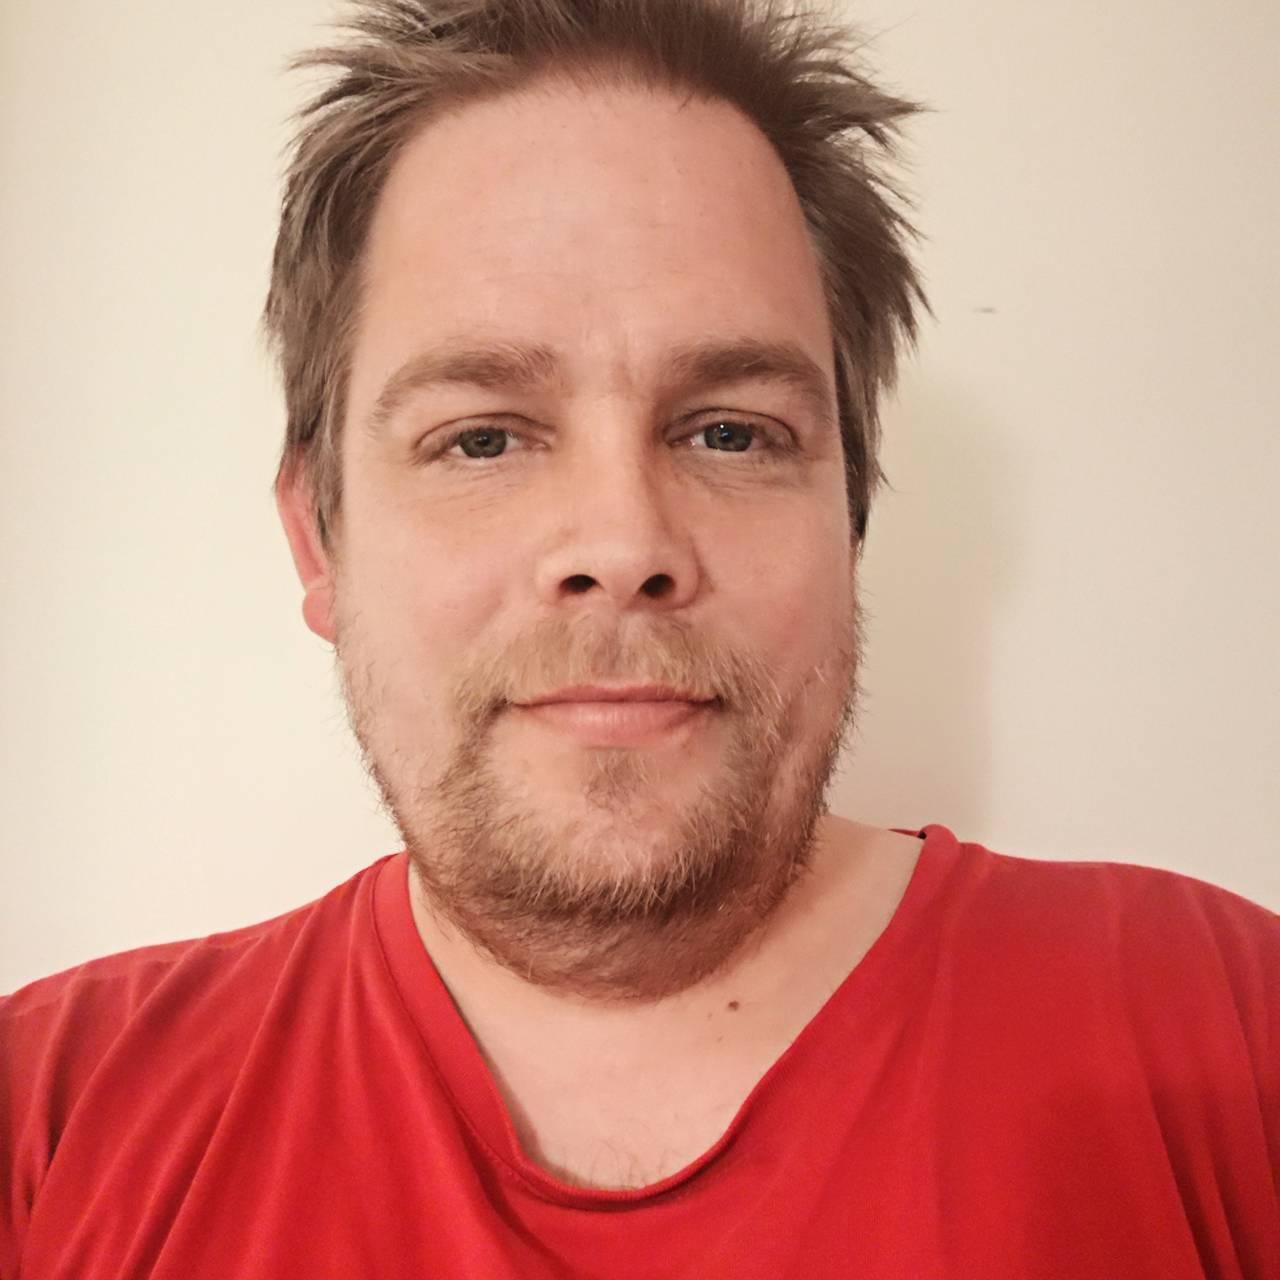 Bilde av Tom (39) LAR-pasient i 12 år.